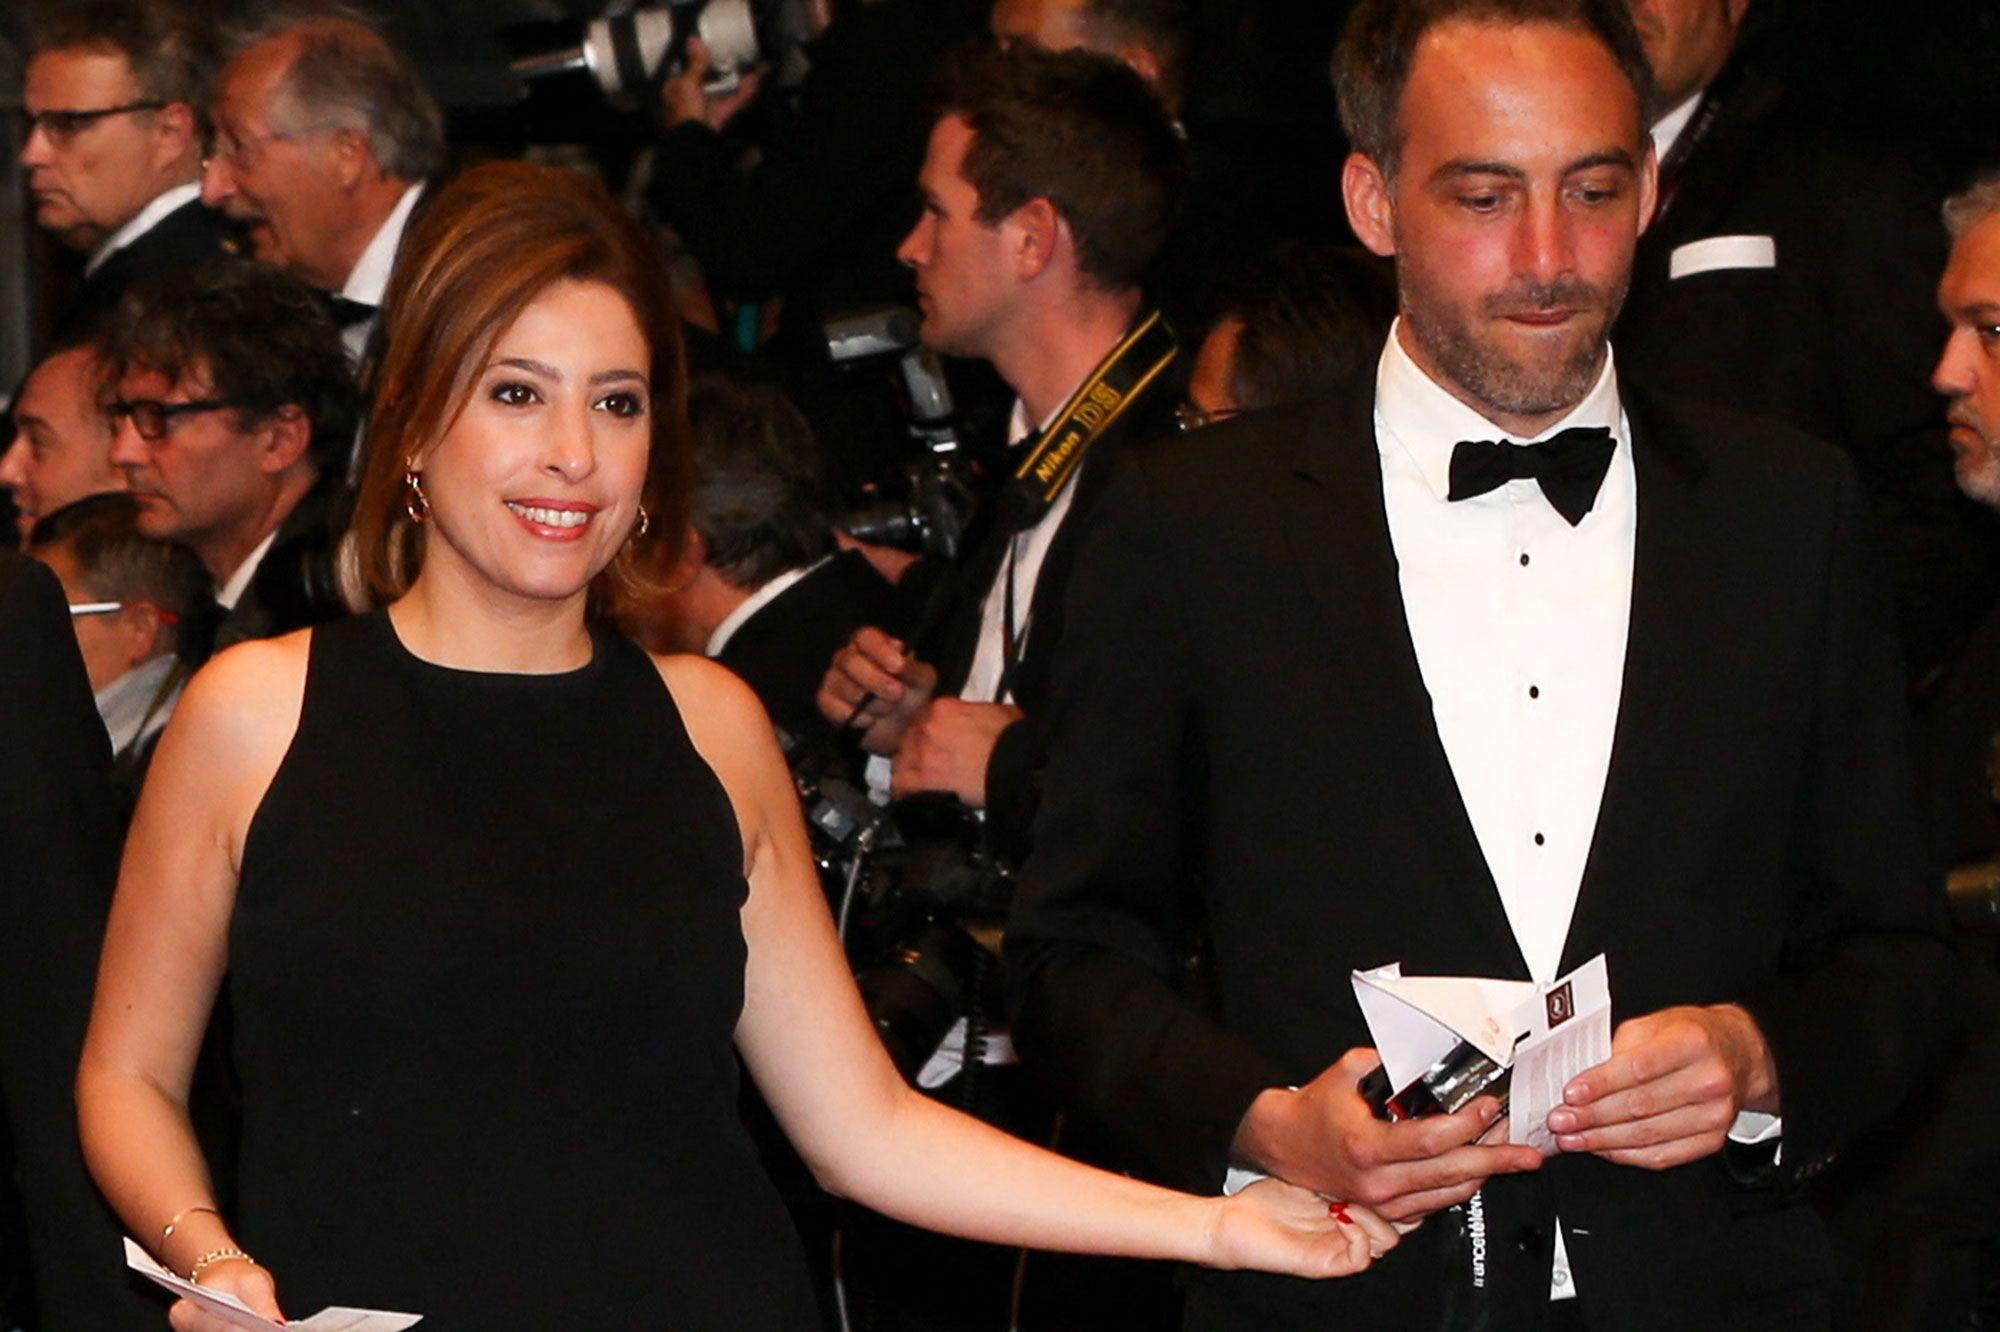 L'inattendue demande de Léa Salamé à son compagnon durant sa grossesse